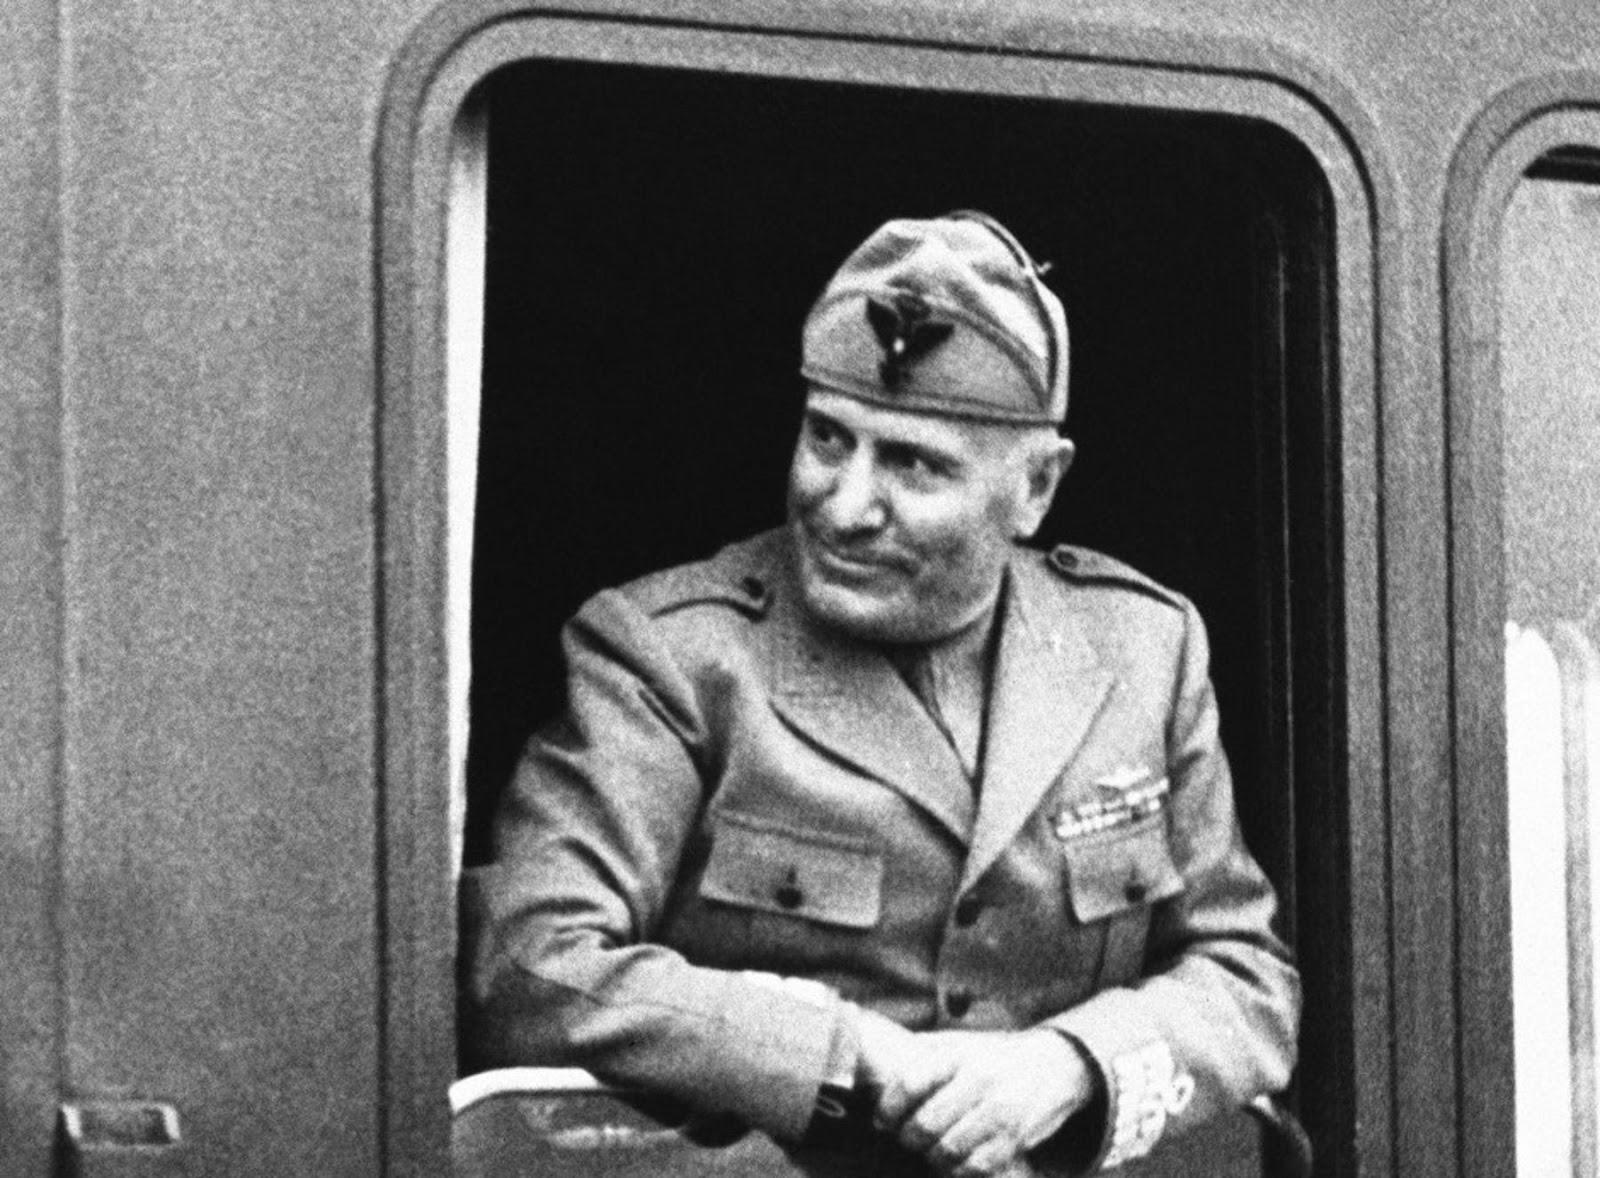 Rail enthusiast Benito Mussolini, in 1943.